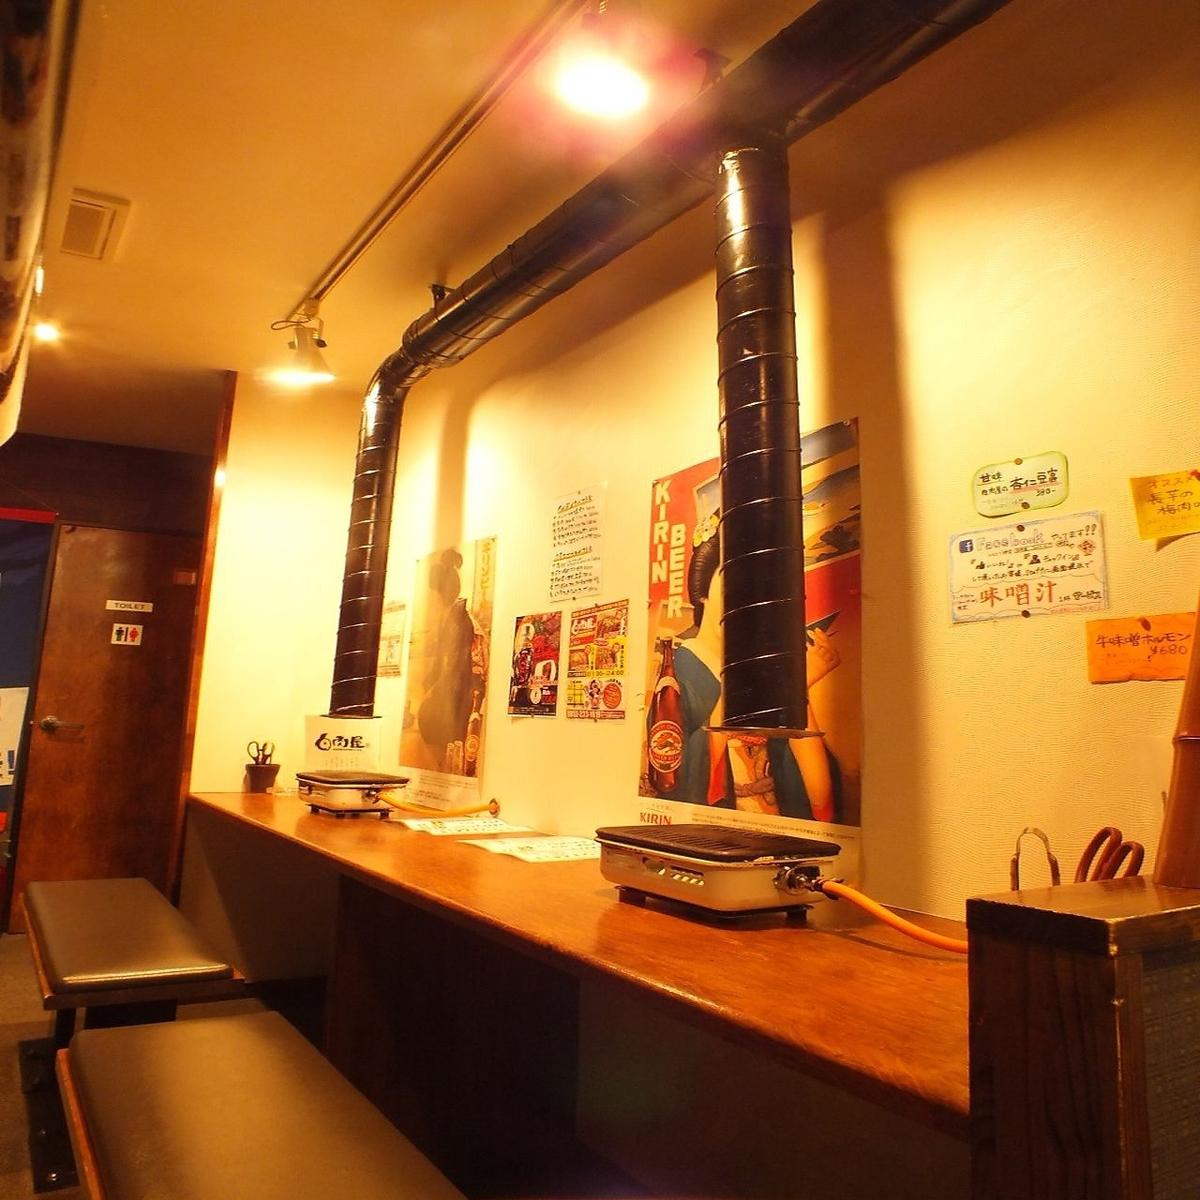 之後,[在書讚譽驗收]是♪平Tachiyoreru櫃檯席位甚至約會的♪大須商場之一,什麼好吃的烤是什麼?